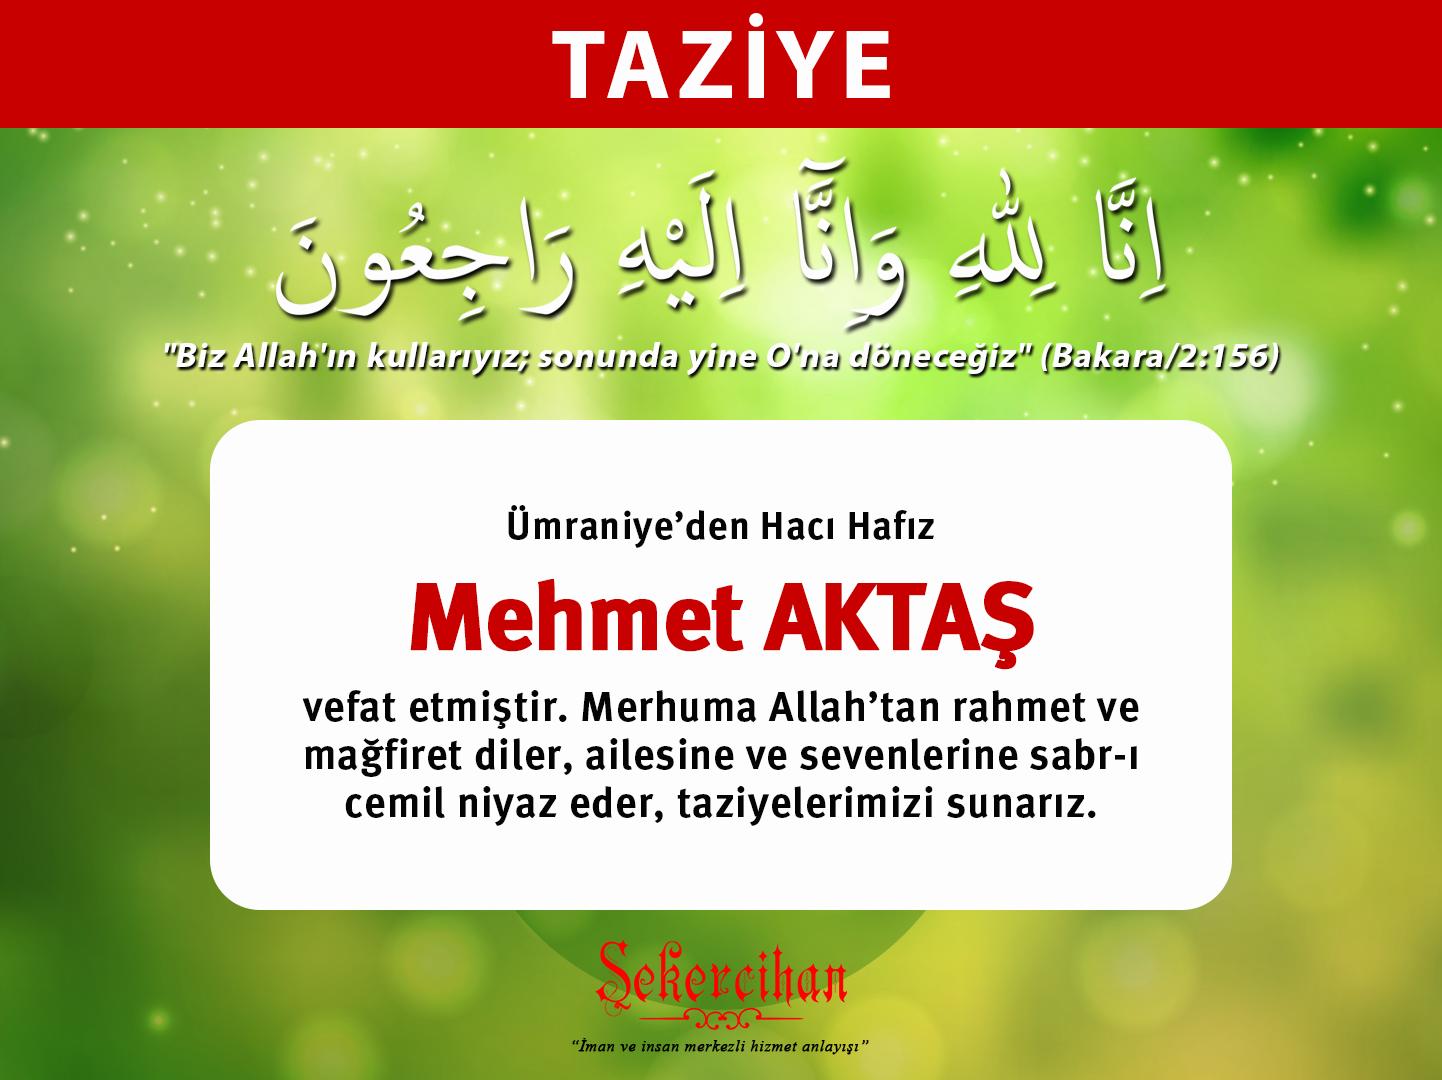 Taziye – Hacı Hafız Mehmet Aktaş